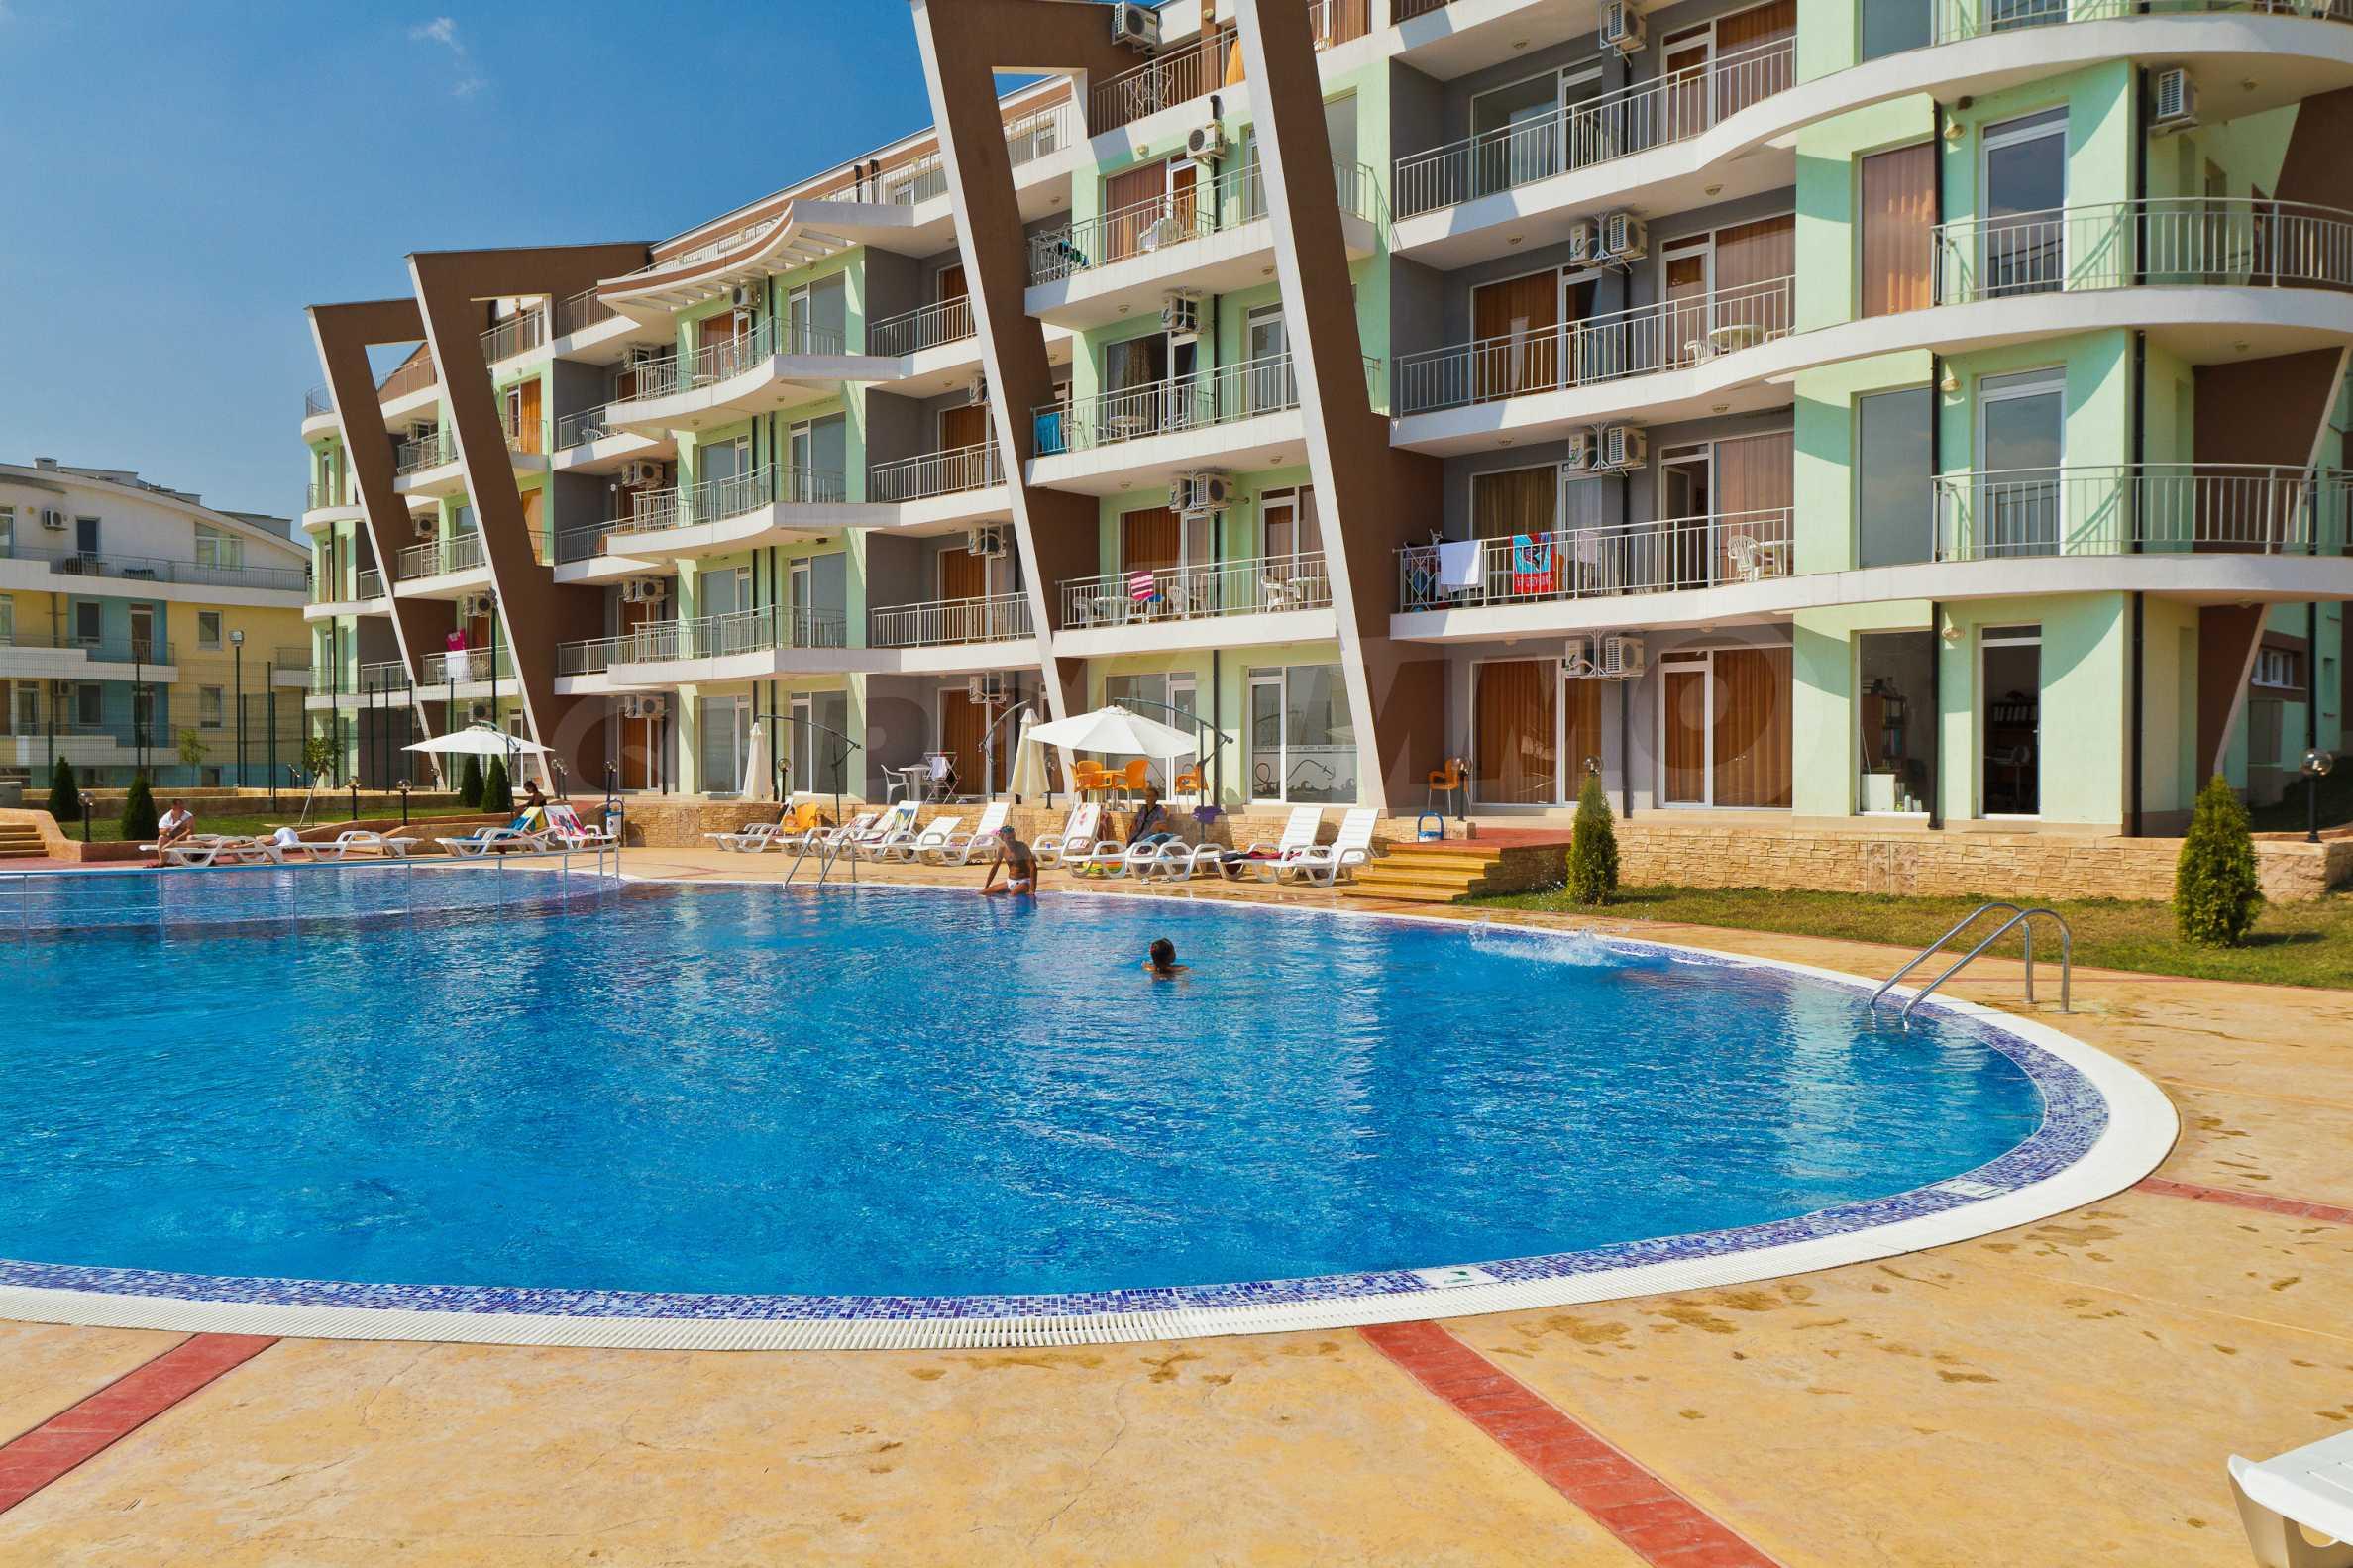 Sunset Kosharitsa - aпартаменти в атрактивен комплекс сред планината и морето, на 5 минути с кола от Слънчев бряг 10